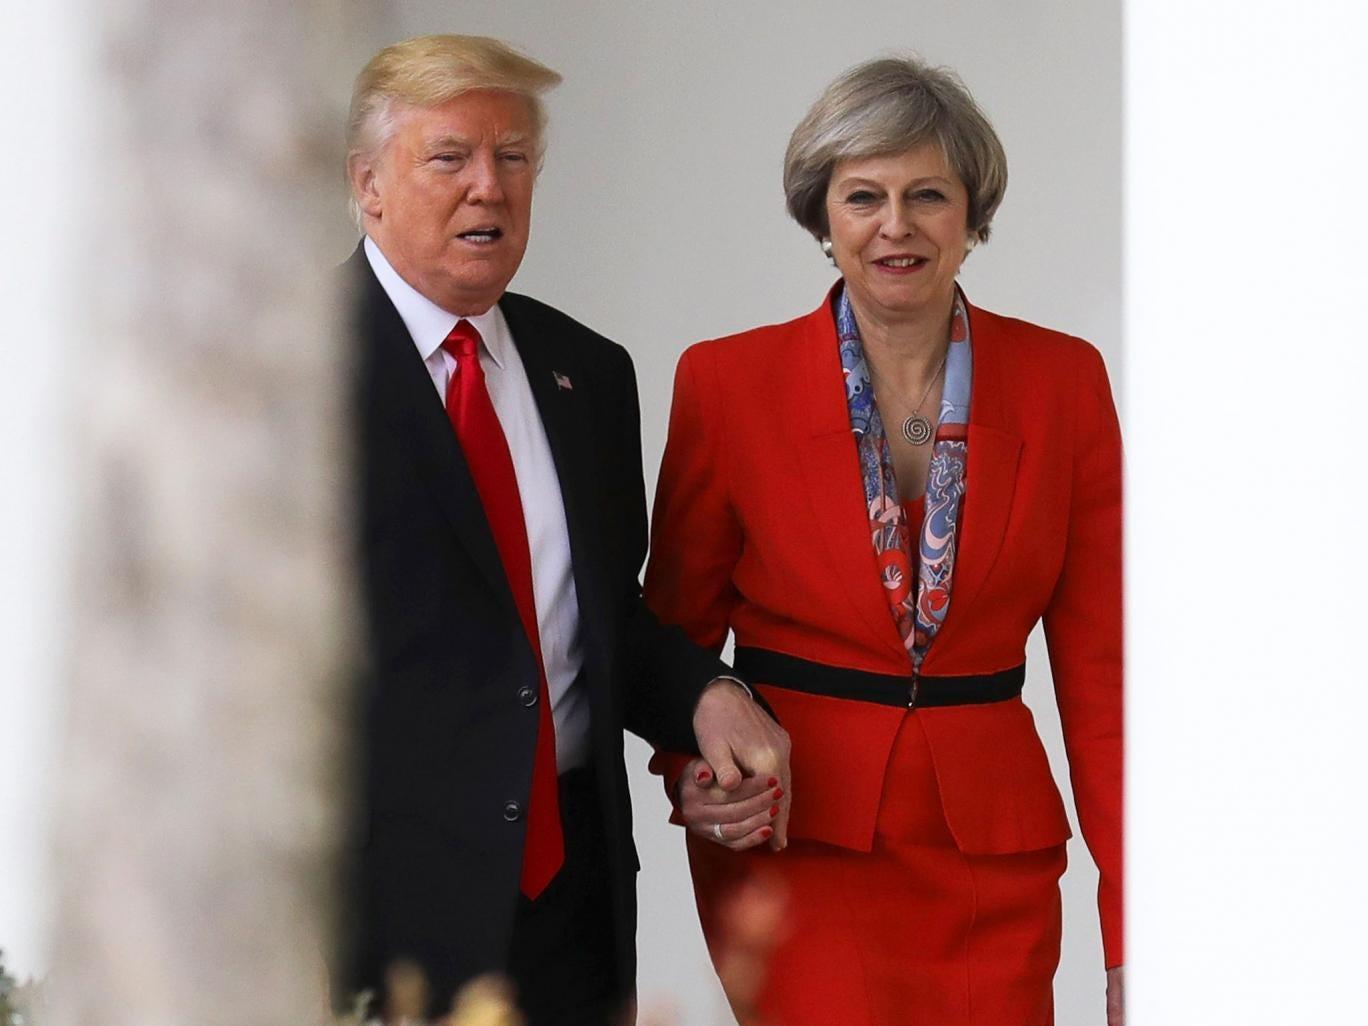 Donald Trump – Vorspiel, Entwicklung, Inauguration, Spiel - Seite 3 Trump-may